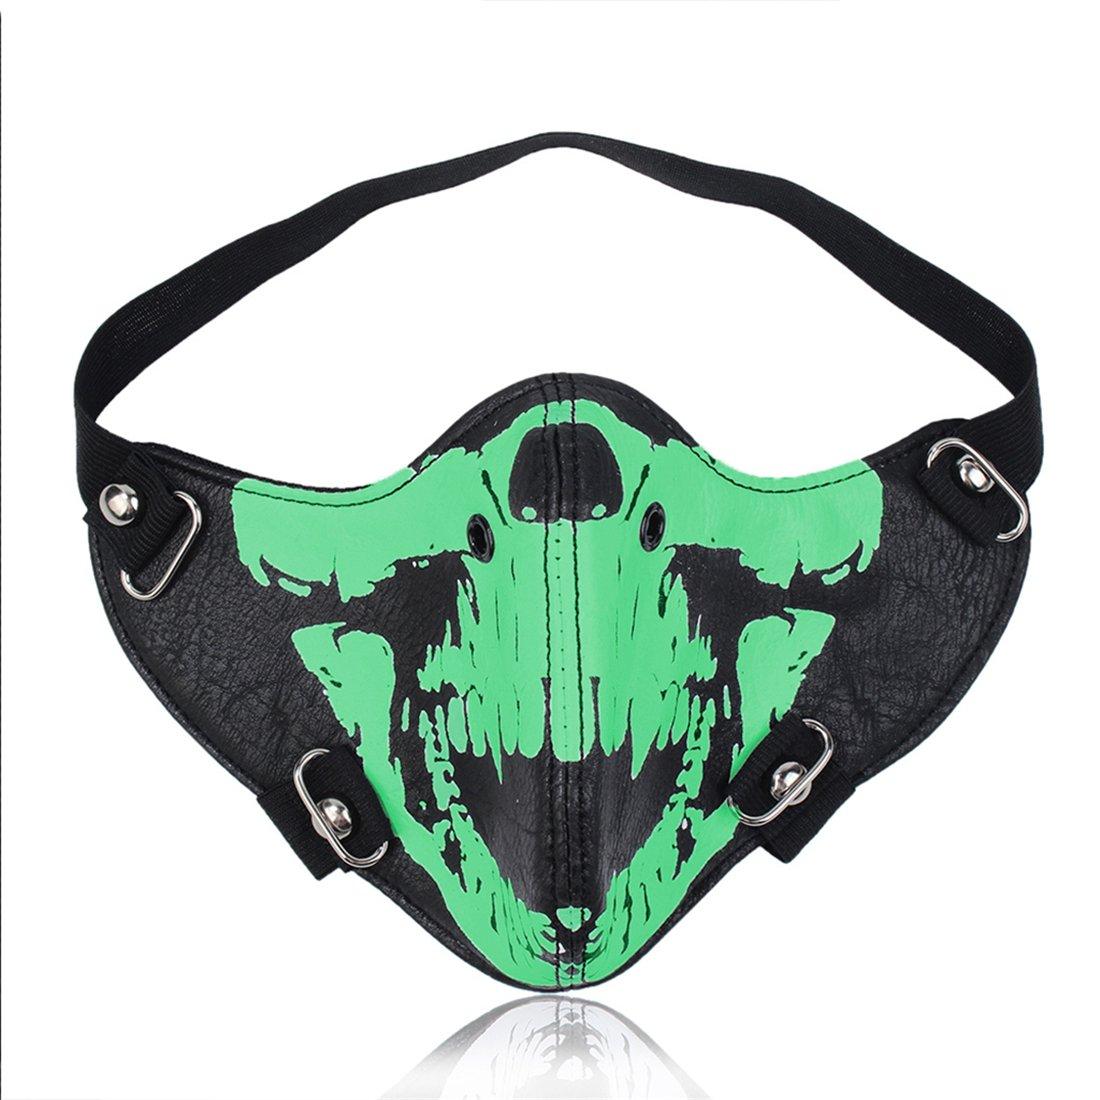 HuiZhi Leather Dust Proof Skull Mask - Punk Half-face Motorcycle Bike Mask Knight Wind Mask Cosplay Mask (Noctilucous)